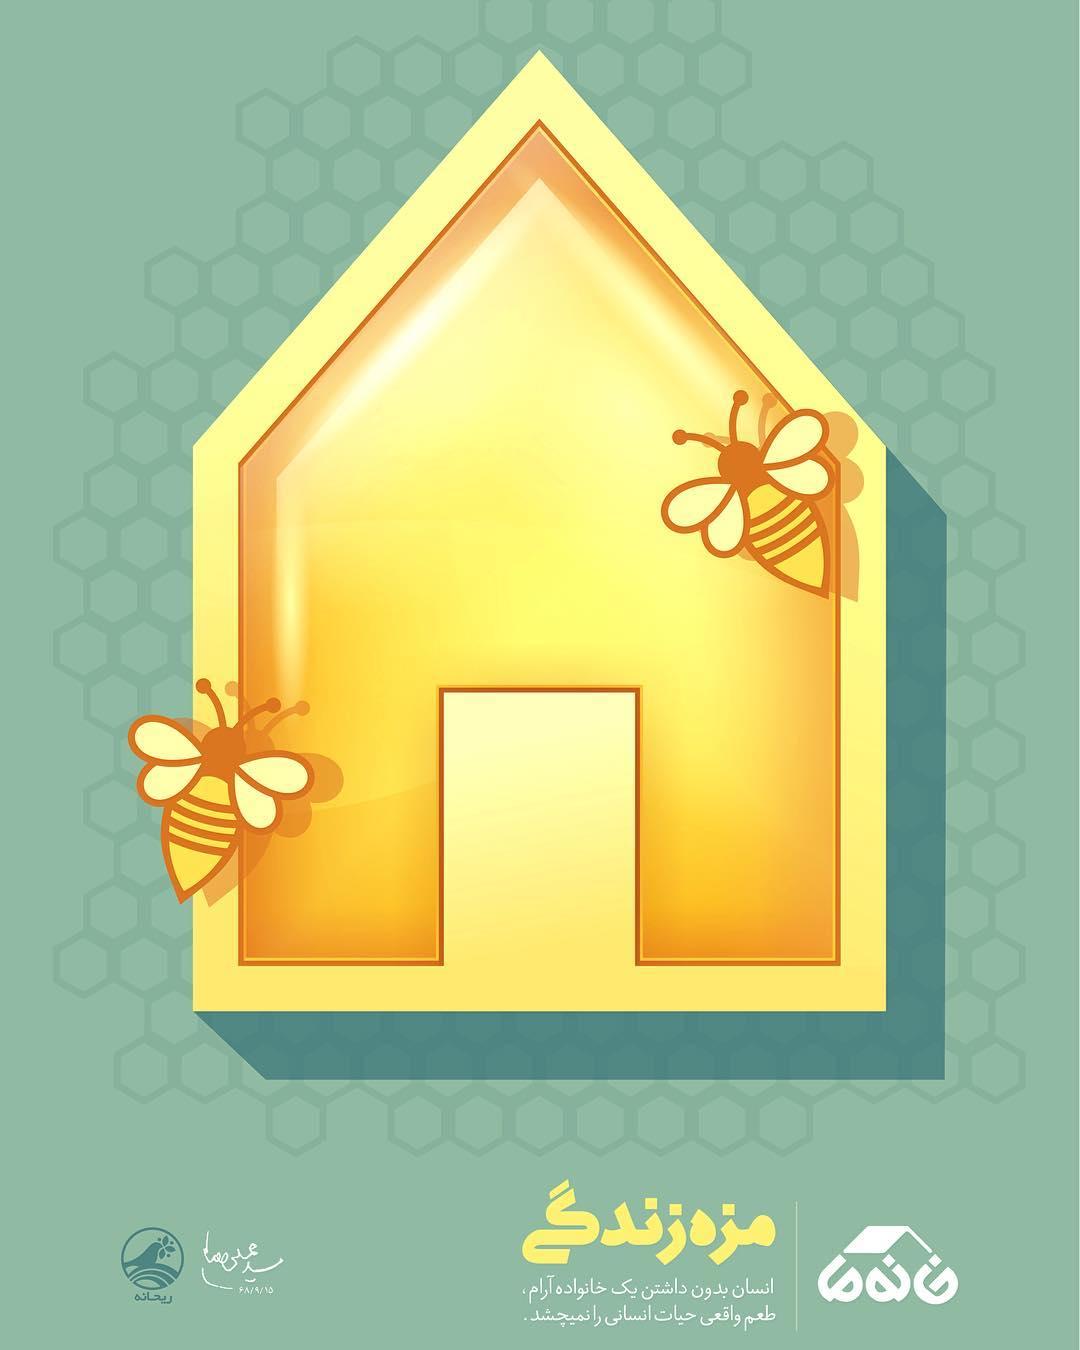 مجموعه طرح خانه ما-قسمت سوُم.jpg (1080×1350)